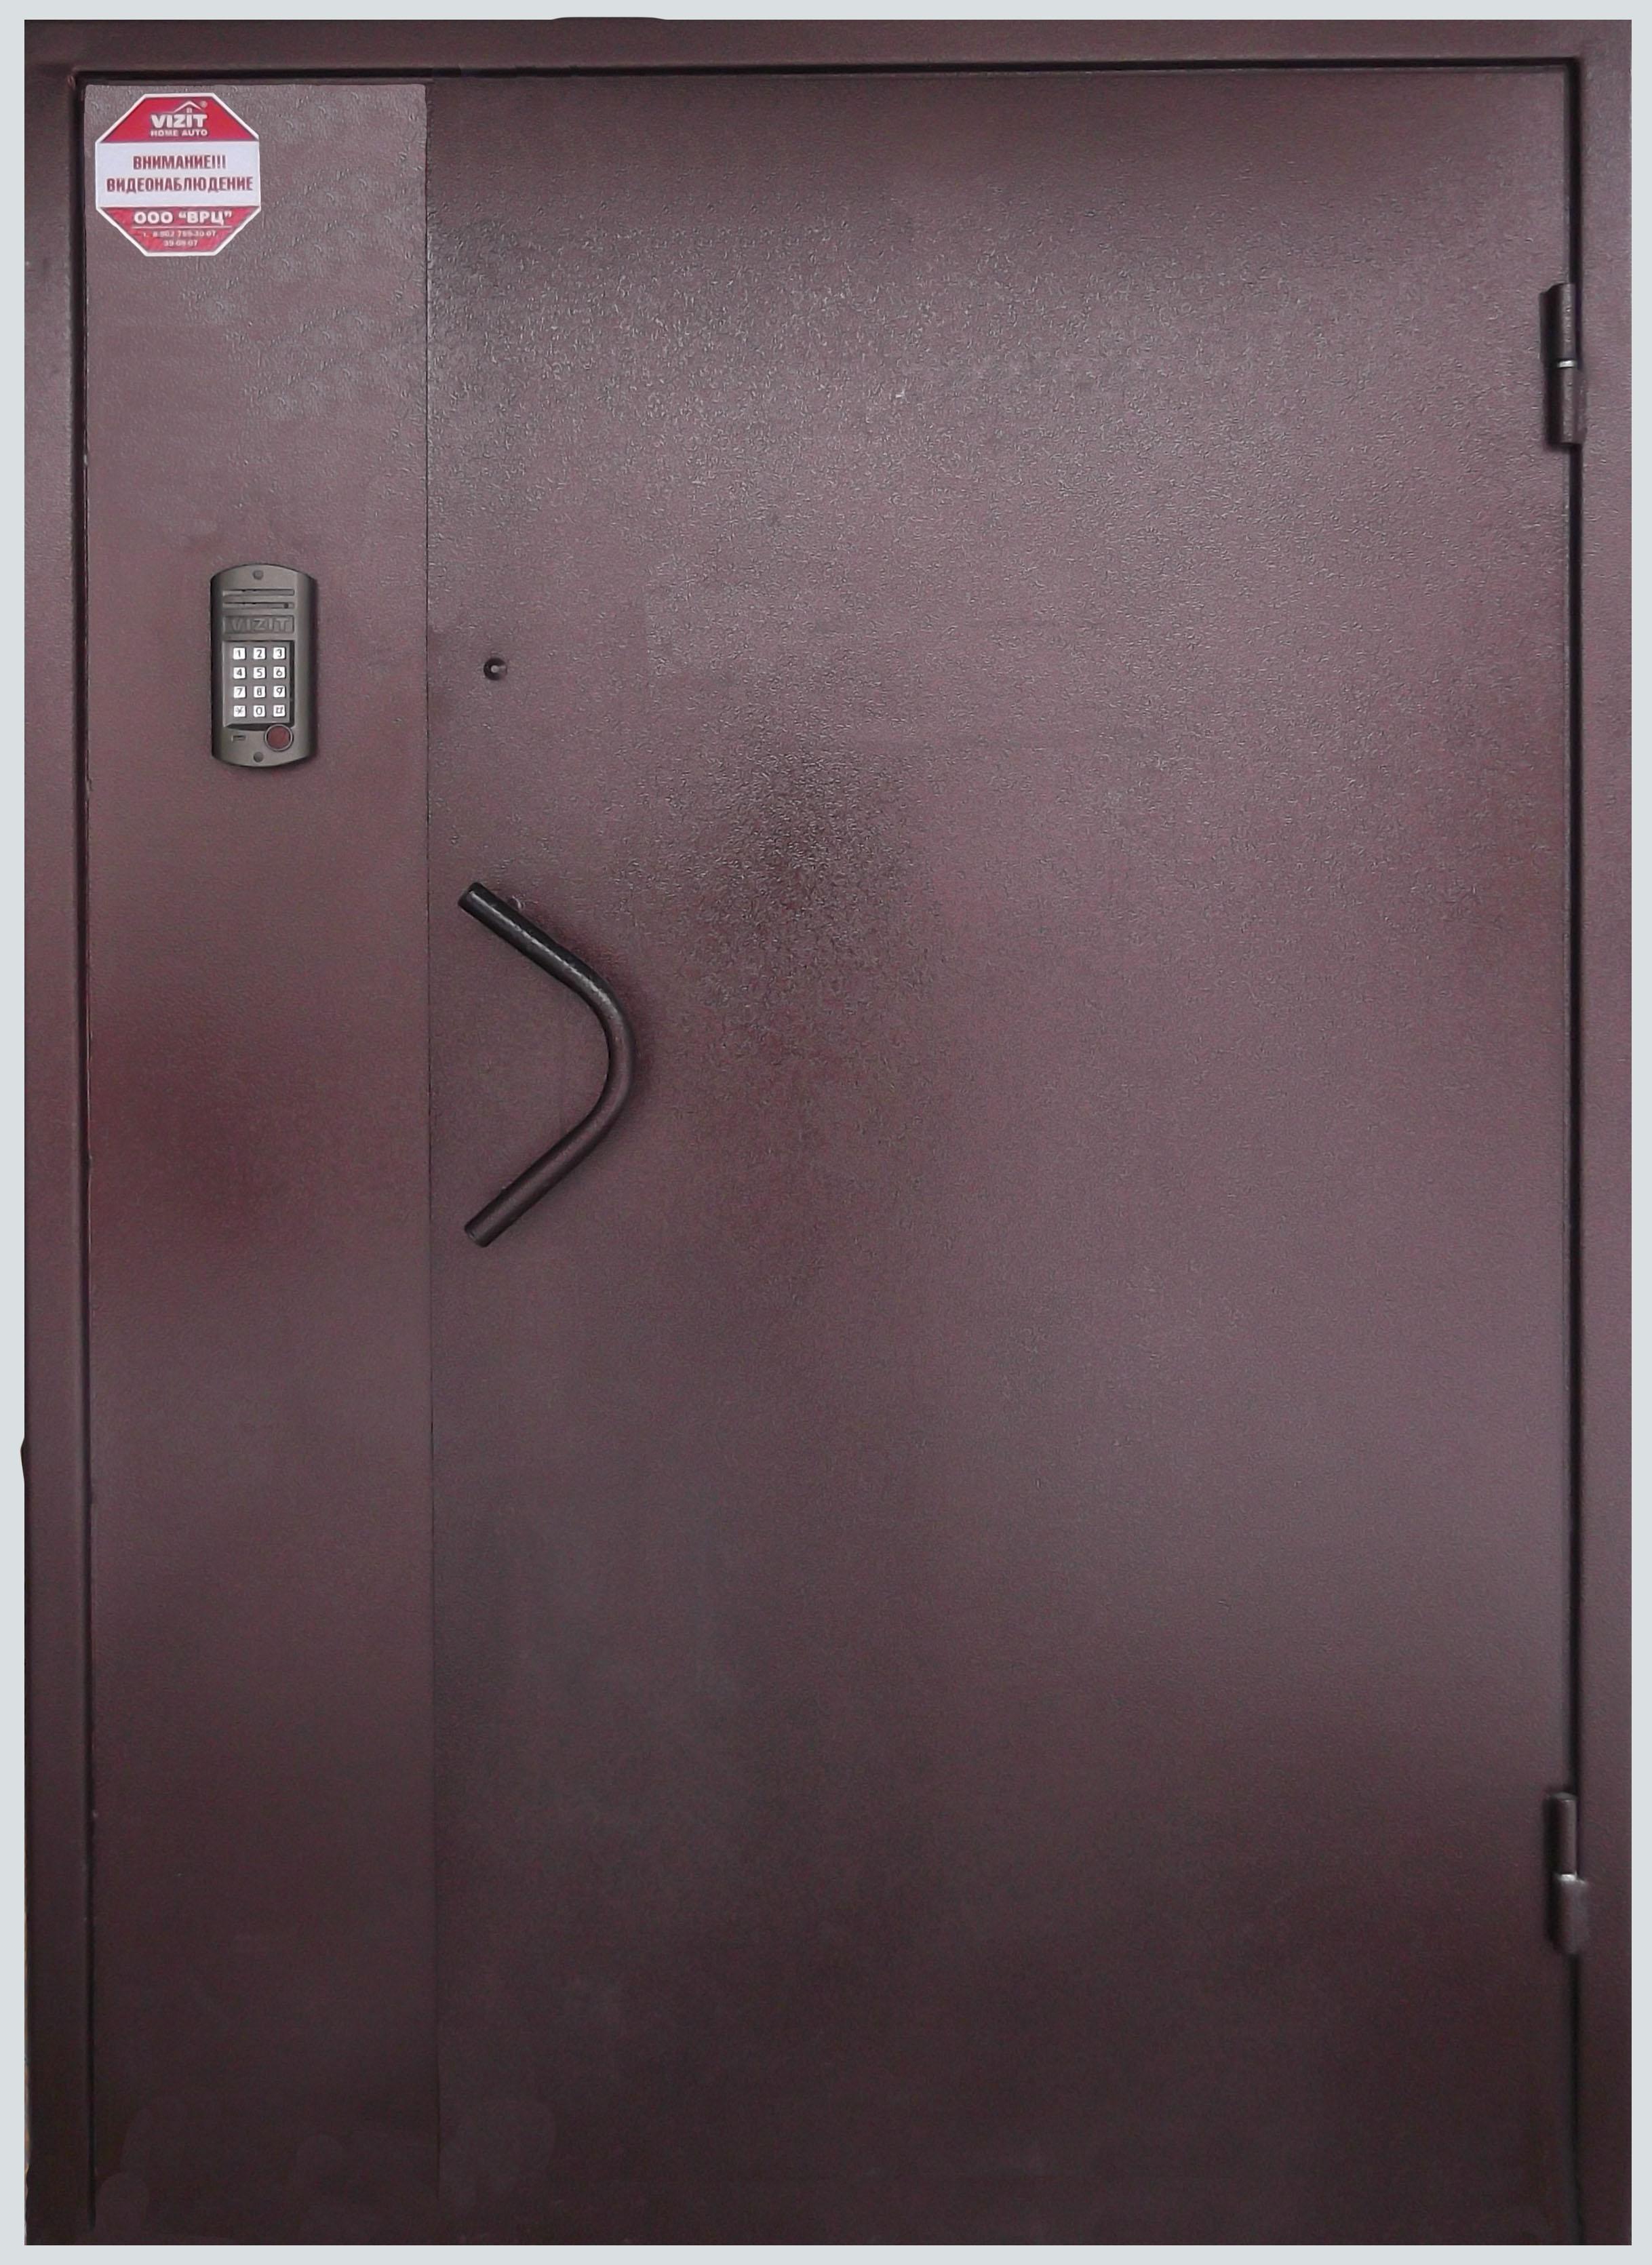 Дверь металлическая, полимерная